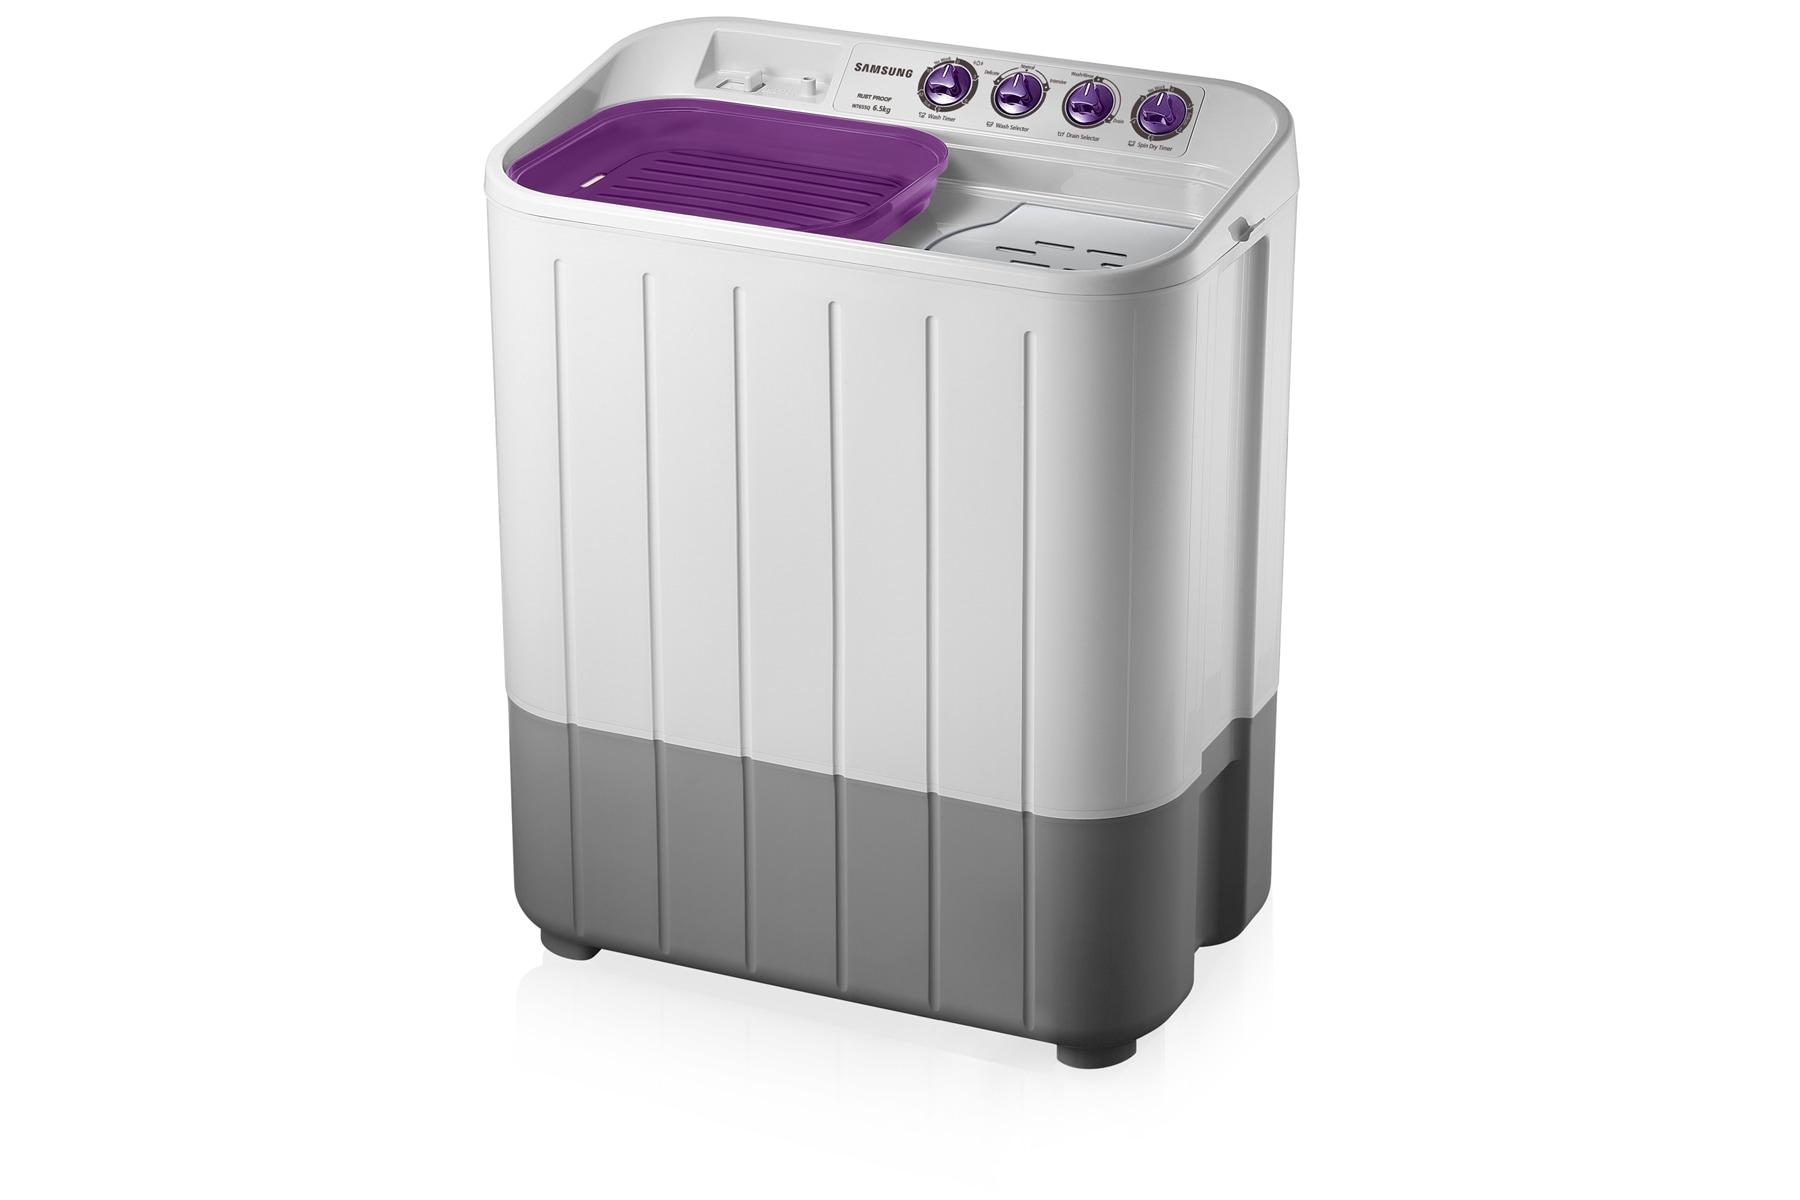 samsung washing machine features